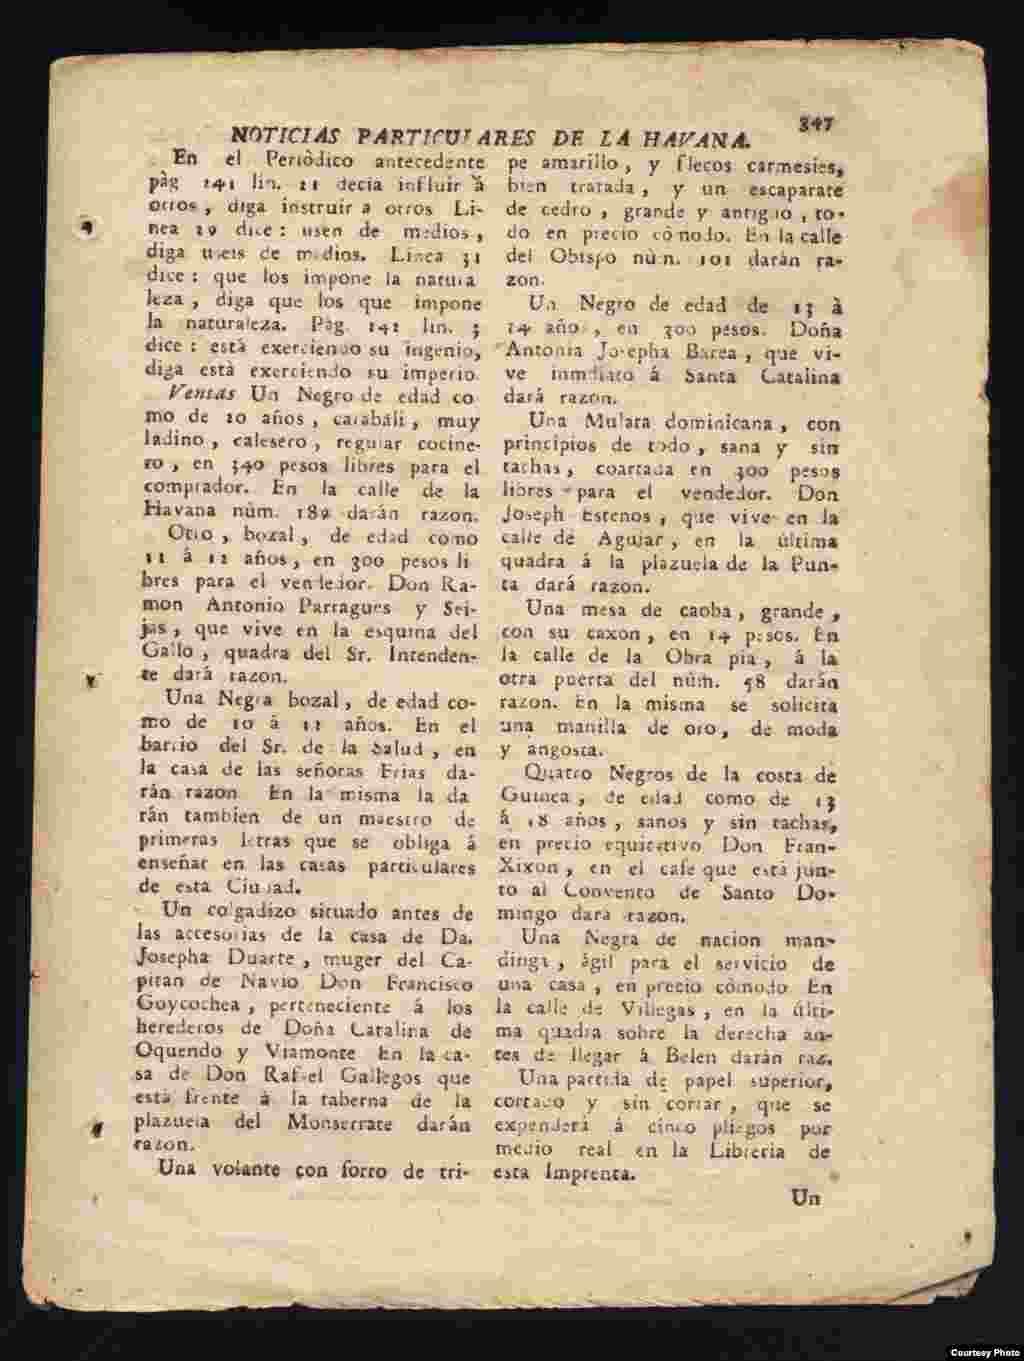 Papel Periódico de La Havana (3)